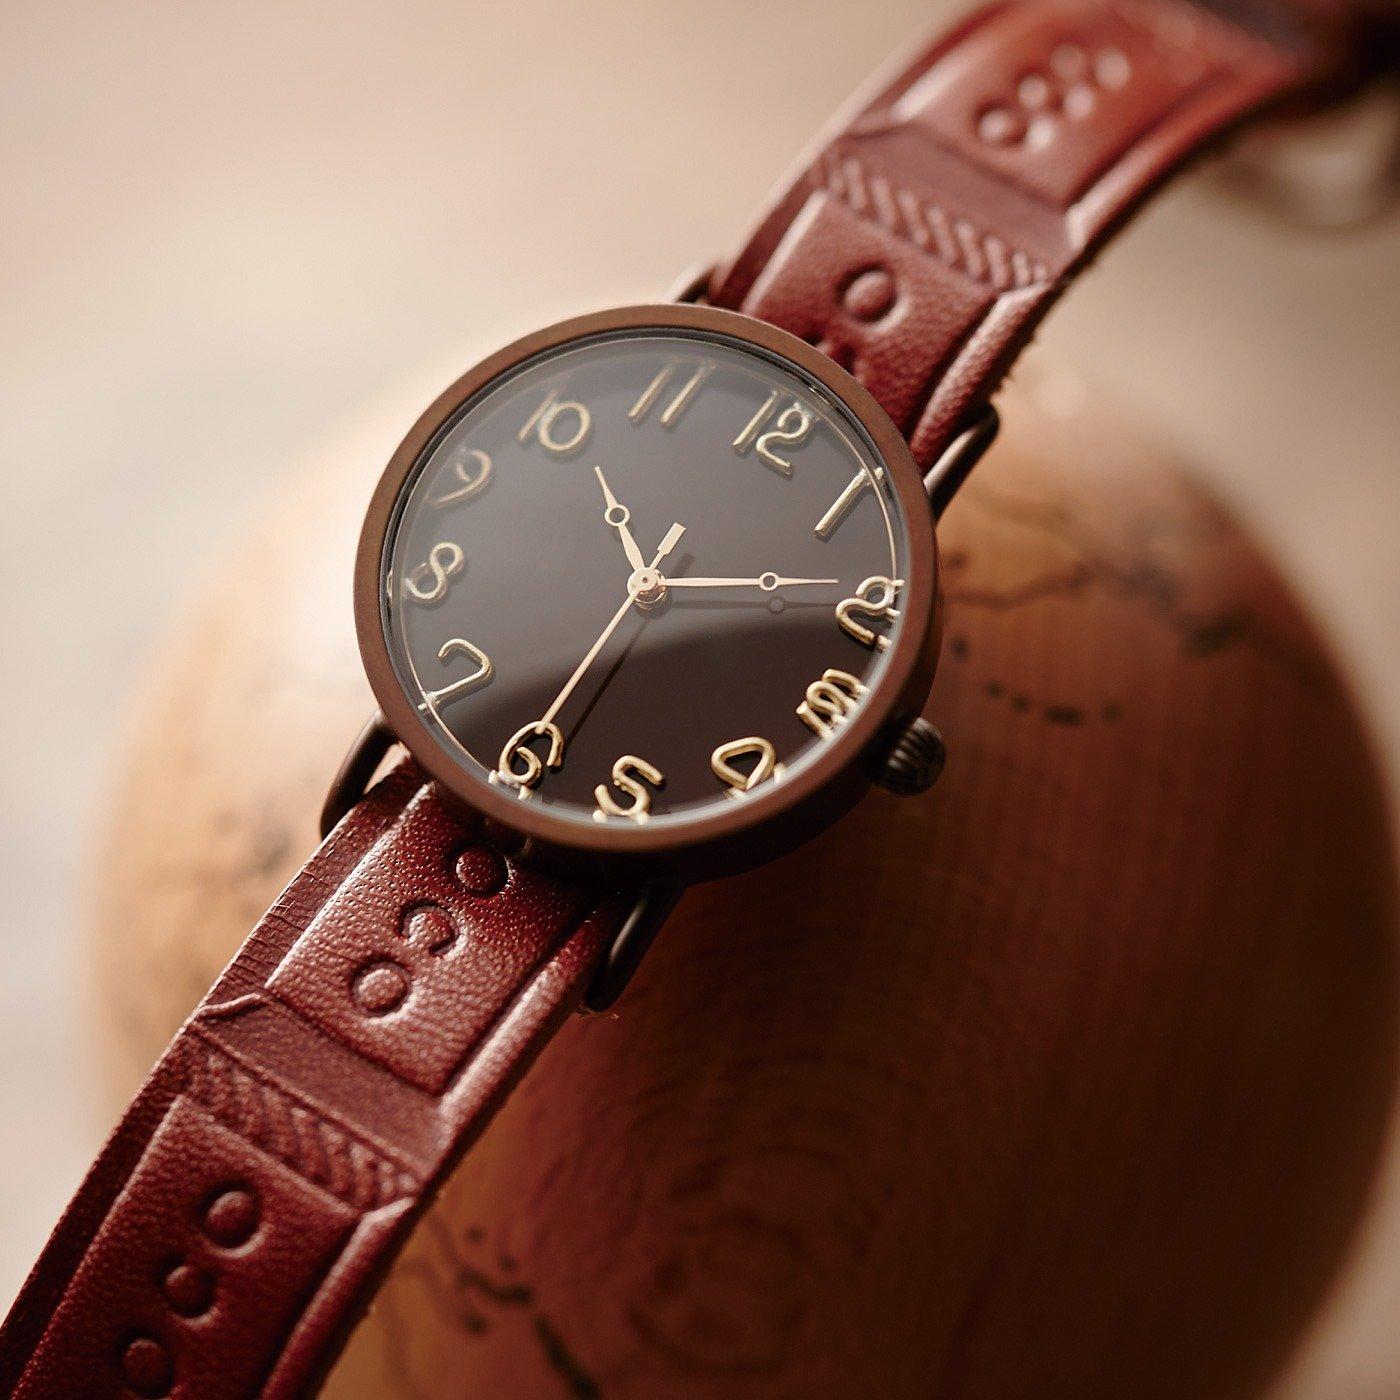 【2月お届け・雑貨便】職人本革のチョコバイヤーの腕時計〈栃木レザー製板チョコベルト〉